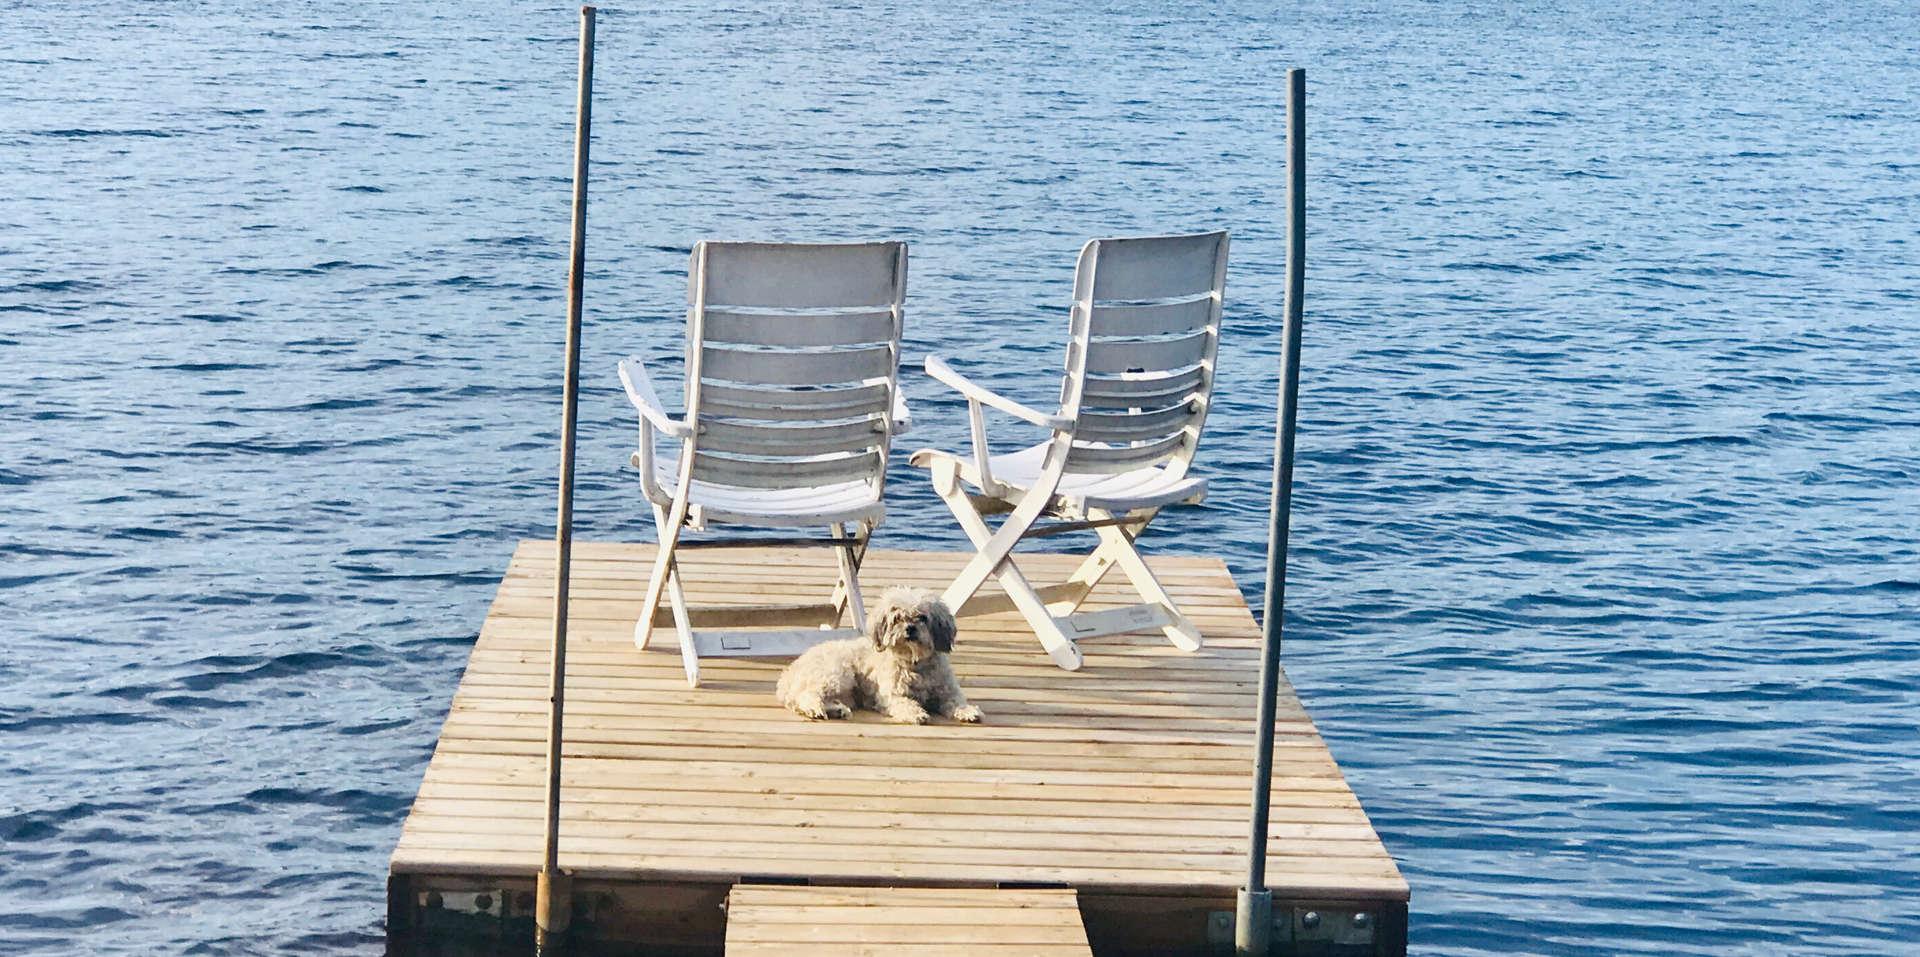 Chalet à louer au Québec   face au lac   4 saisons Le Cocooning L'Ascension   Le quai